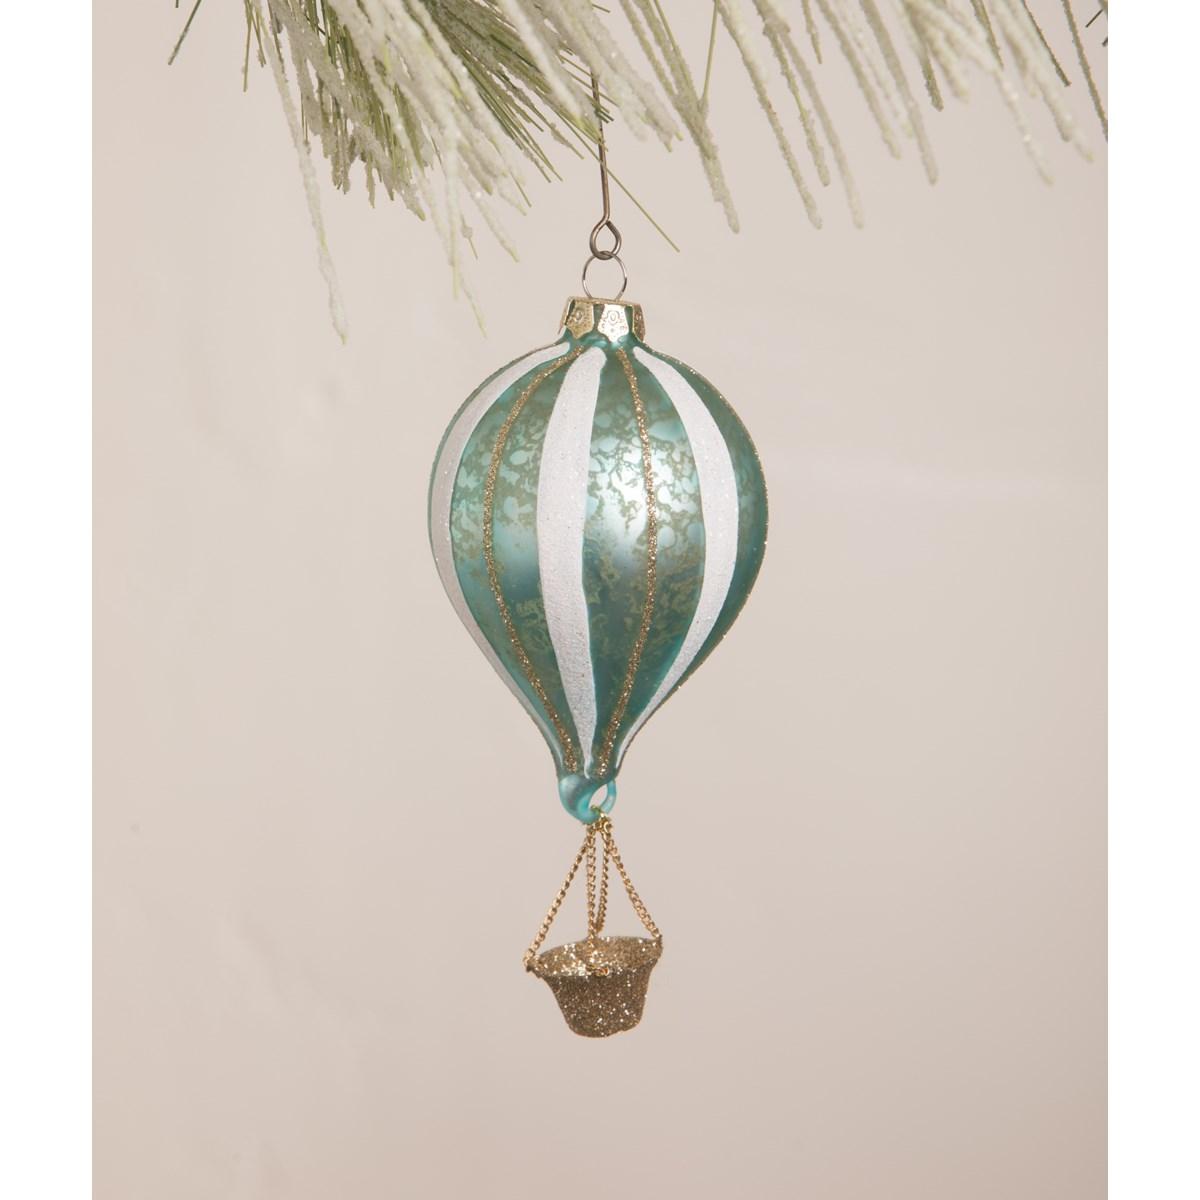 Aqua Striped Hot Air Balloon Ornament